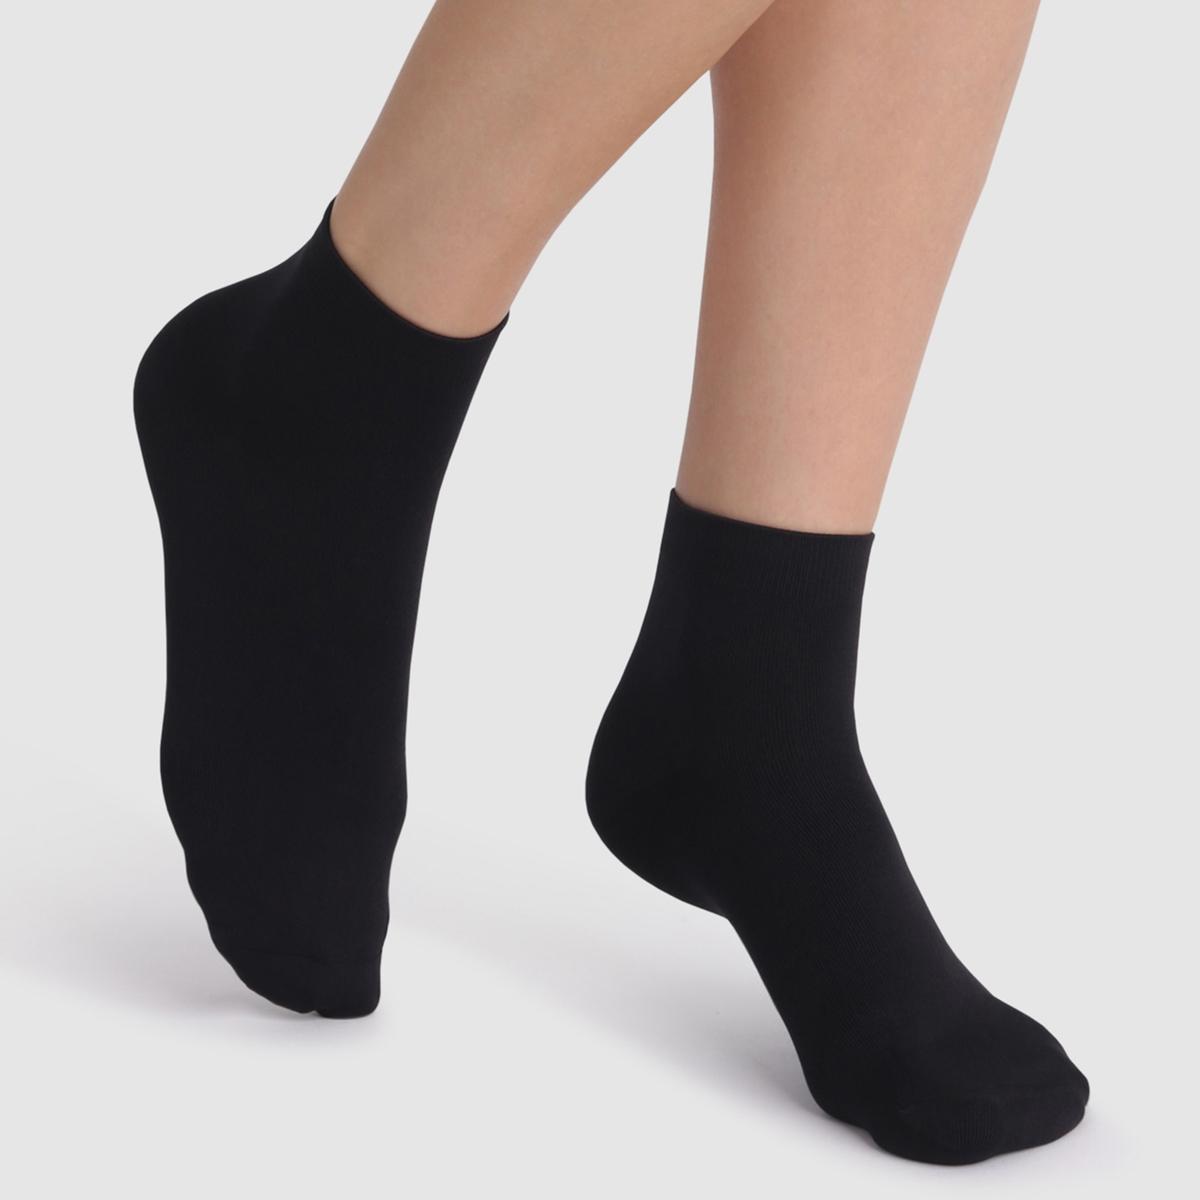 Imagen principal de producto de Calcetines cortos suaves Skin (lote de 2 pares) - DIM